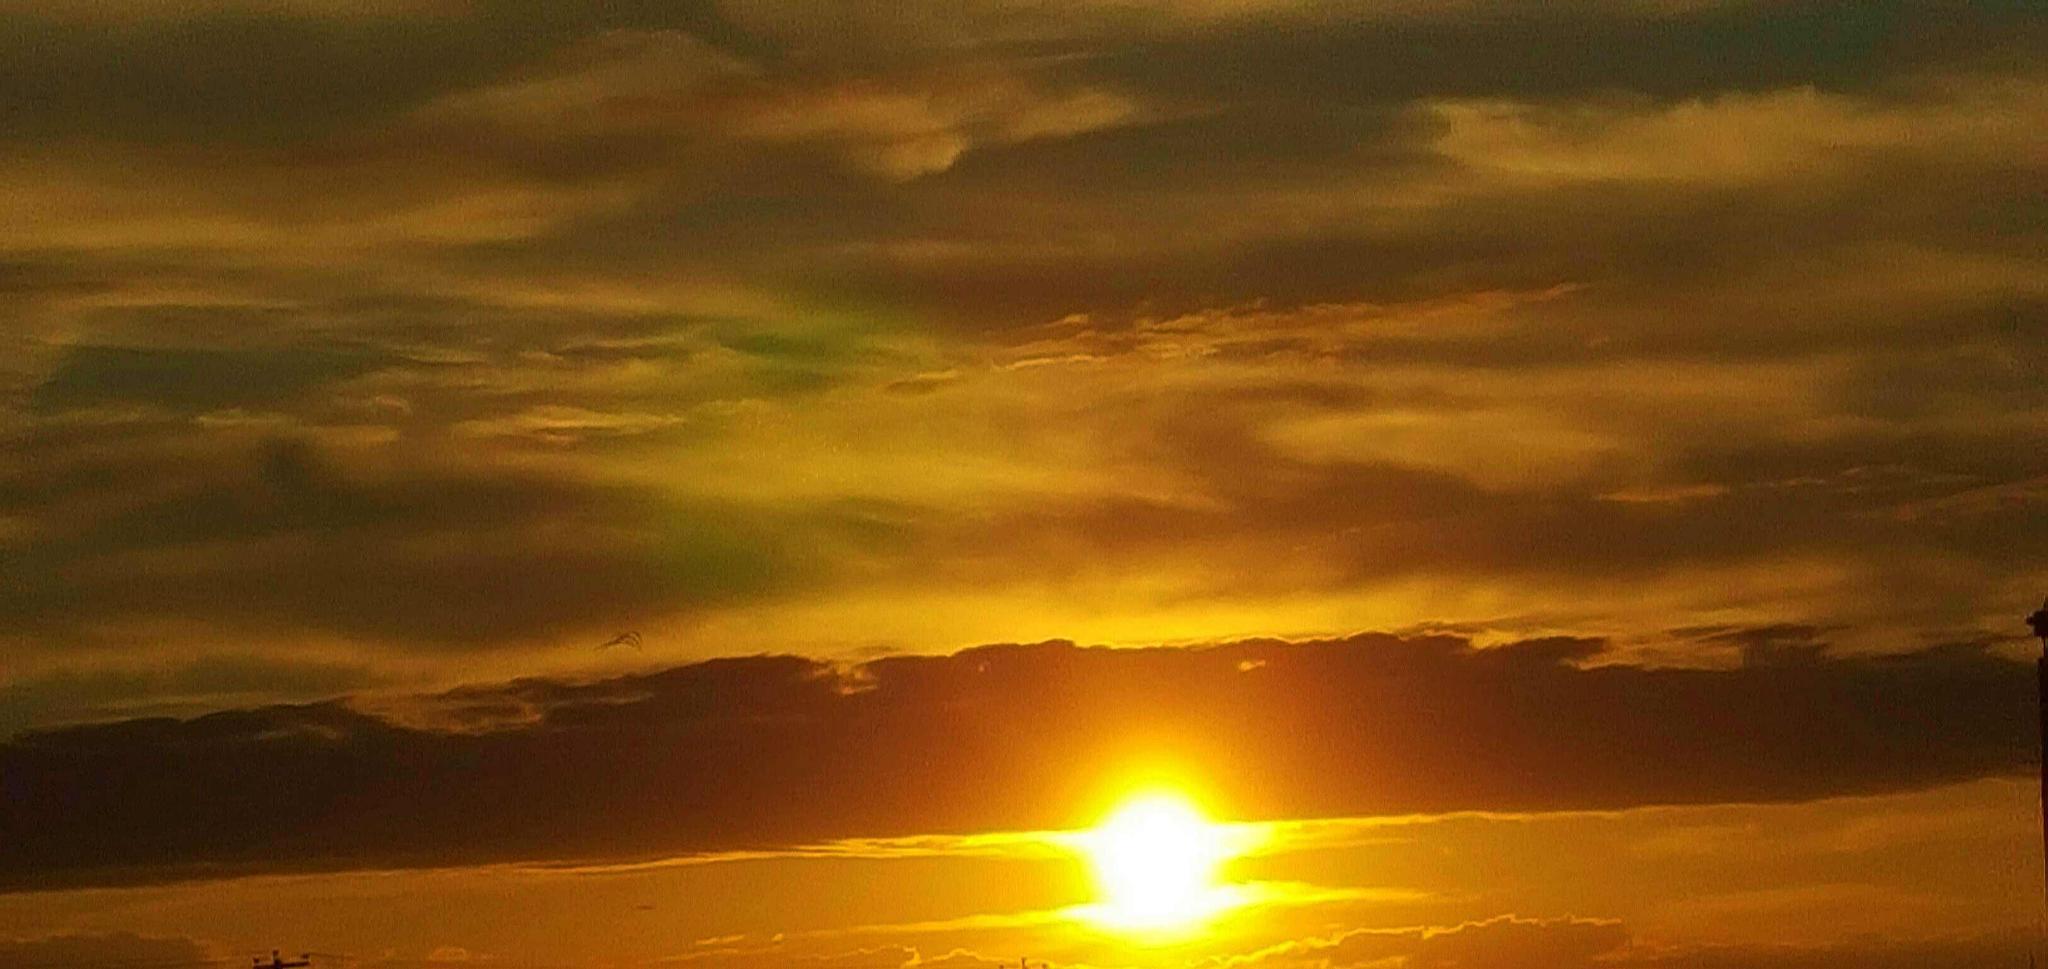 Sunset in Galilee by buttrflyangl444